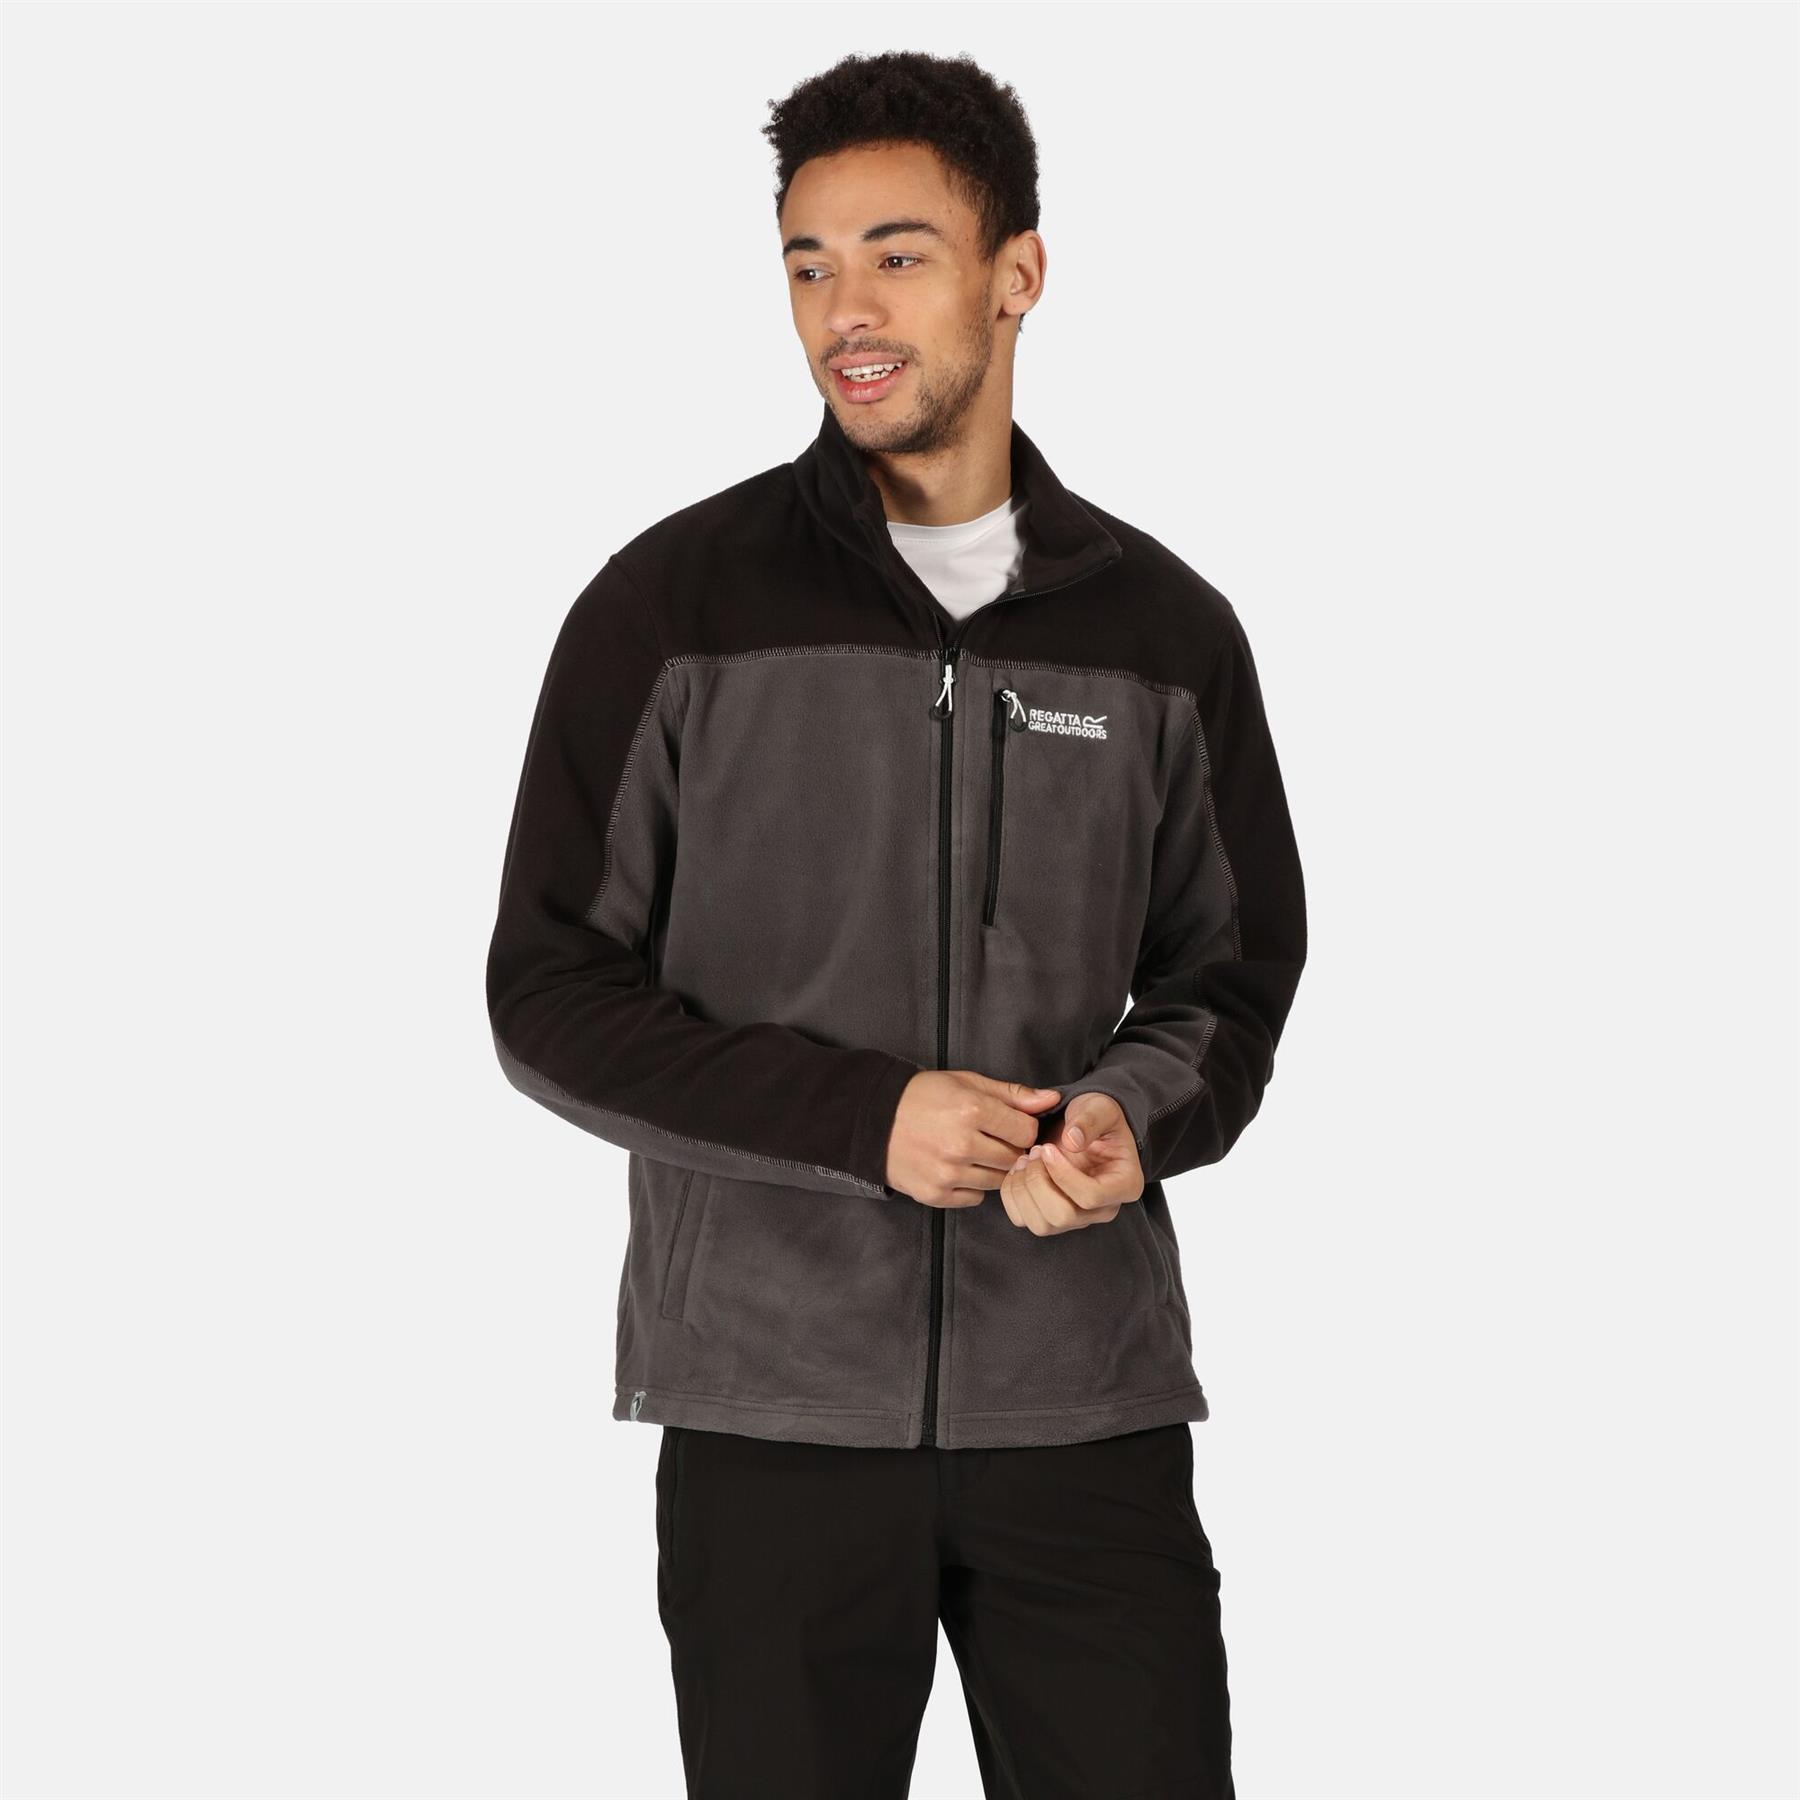 miniatuur 8 - Regatta Mens Fellard Fleece Jacket Full Zip Up Coat S M L XL 2XL 3XL 4XL